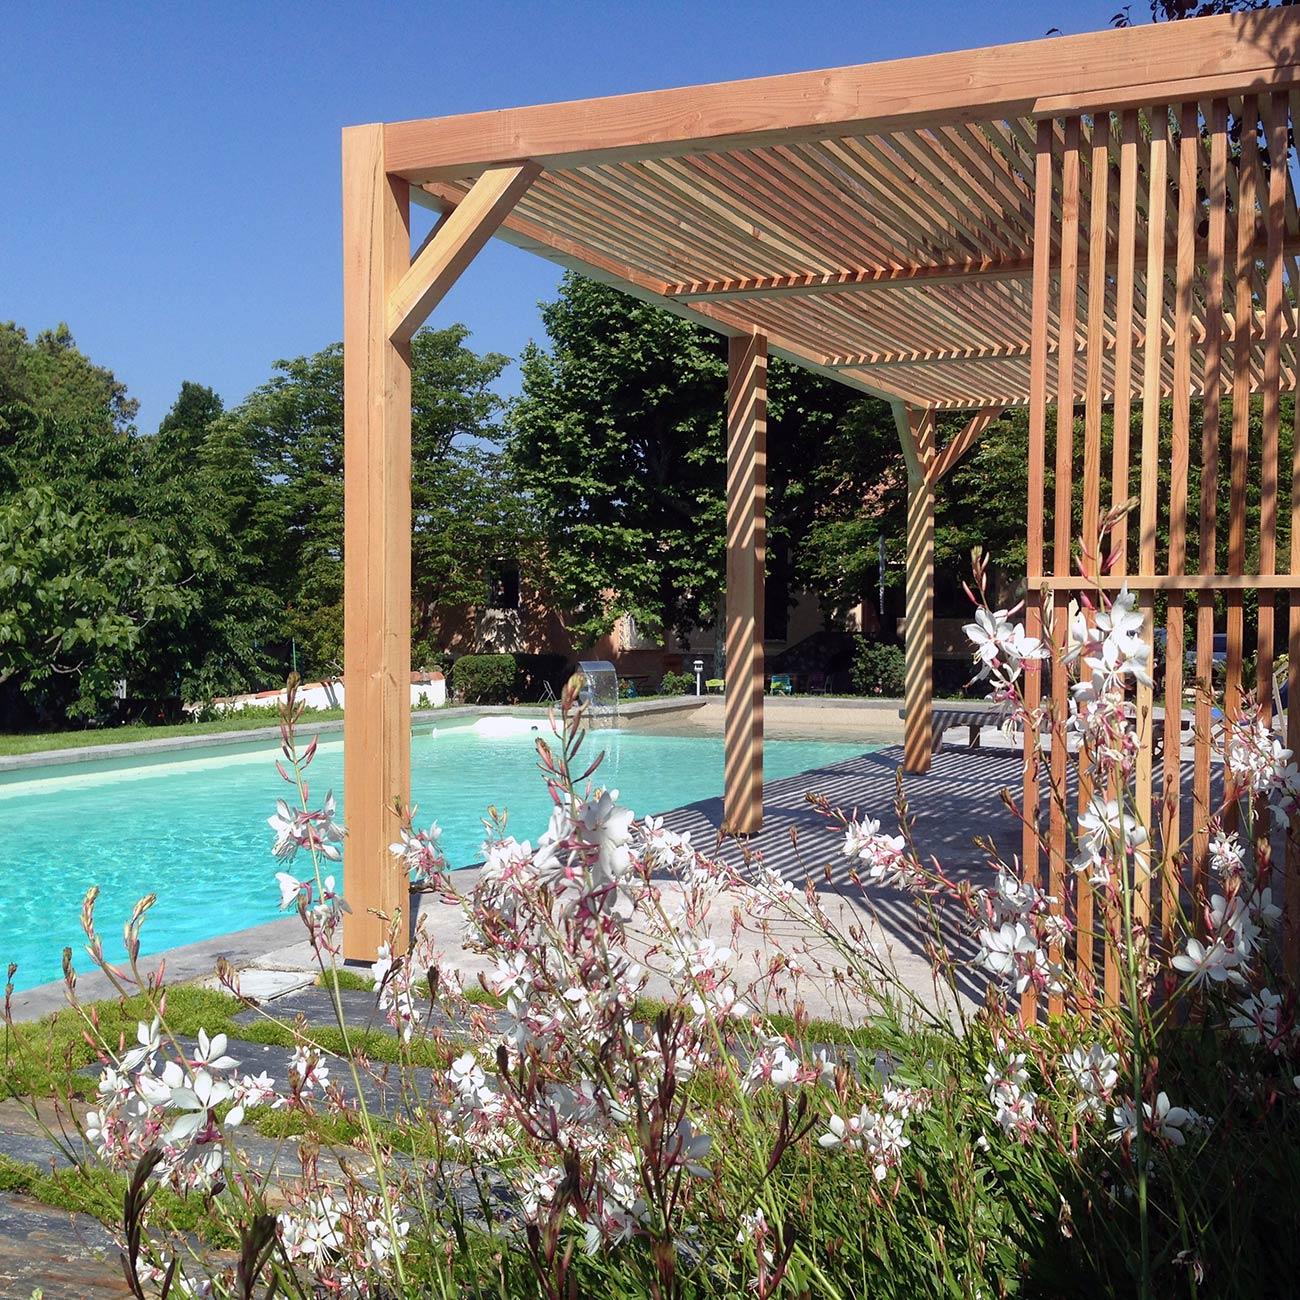 atelier naudier architecte paysagiste montpellier aix en provence. Black Bedroom Furniture Sets. Home Design Ideas